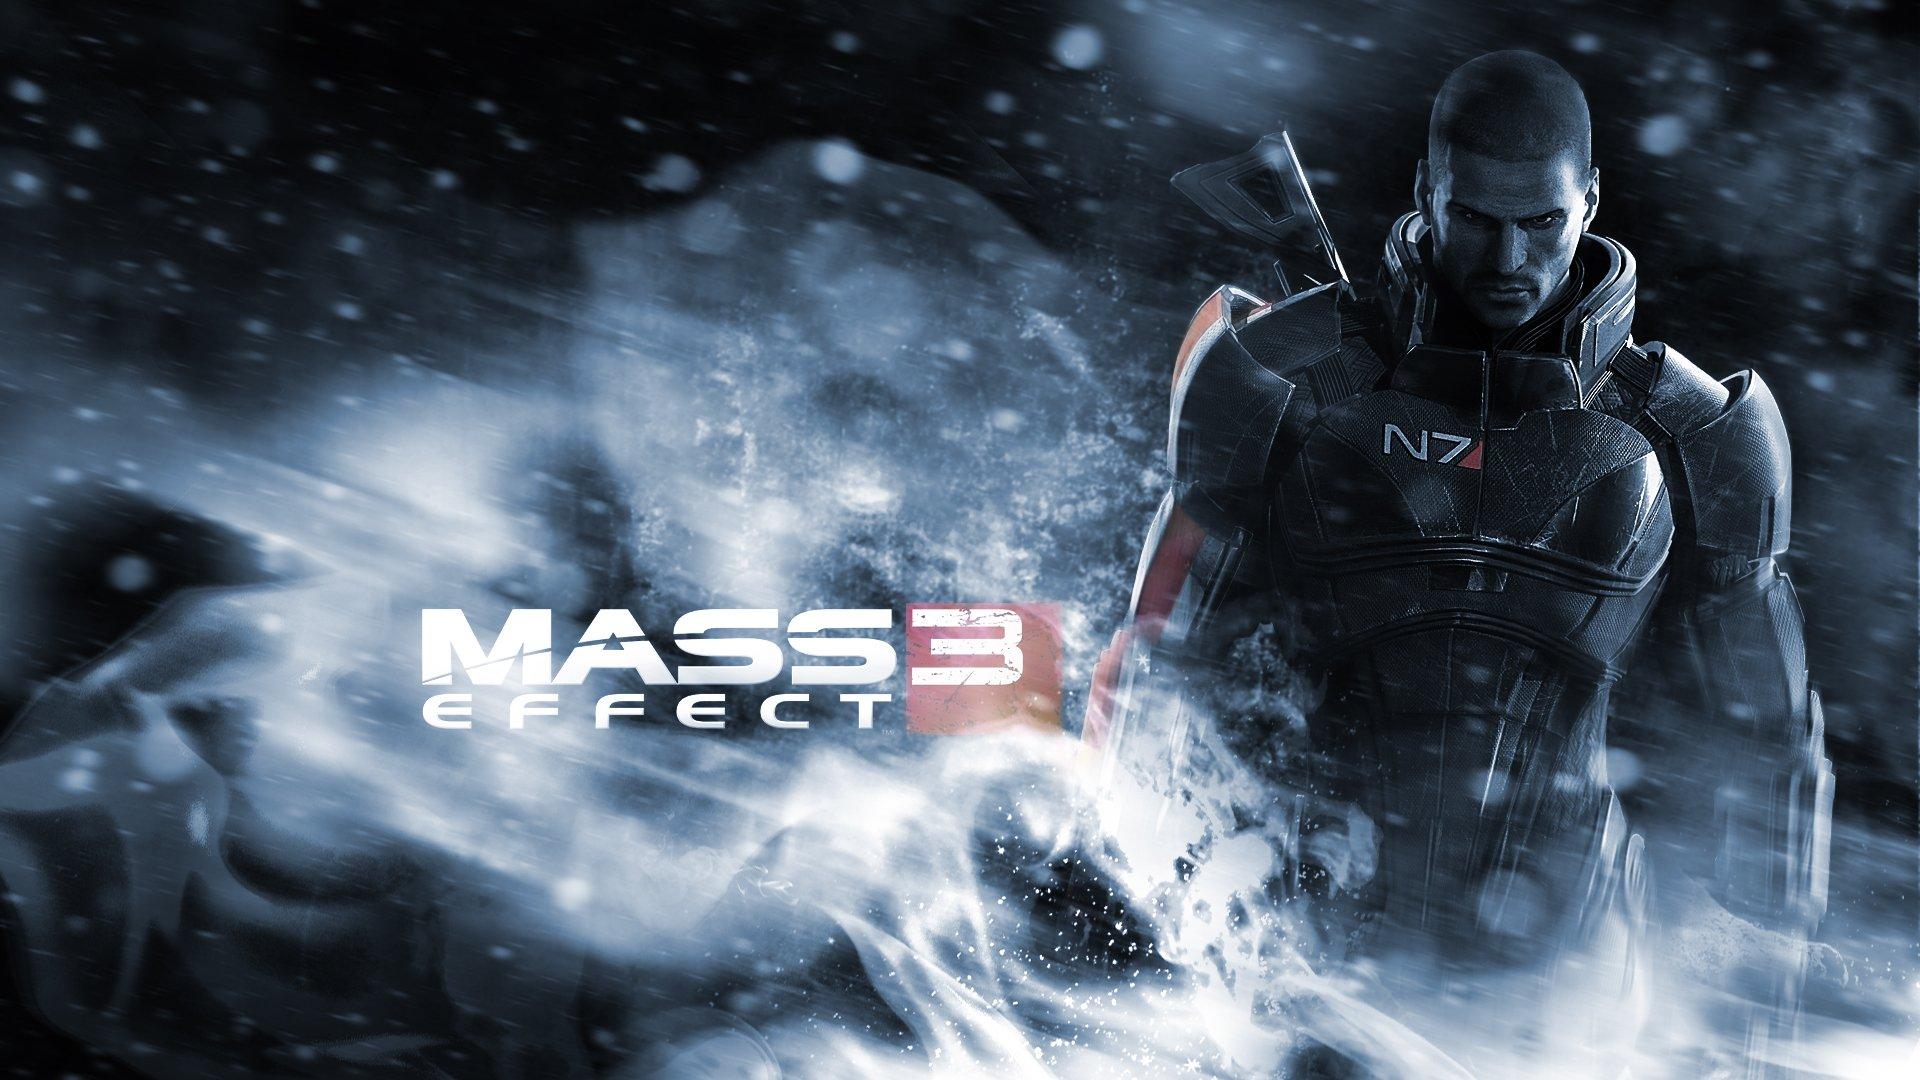 50 Mass Effect Wallpaper 1920x1080 On Wallpapersafari